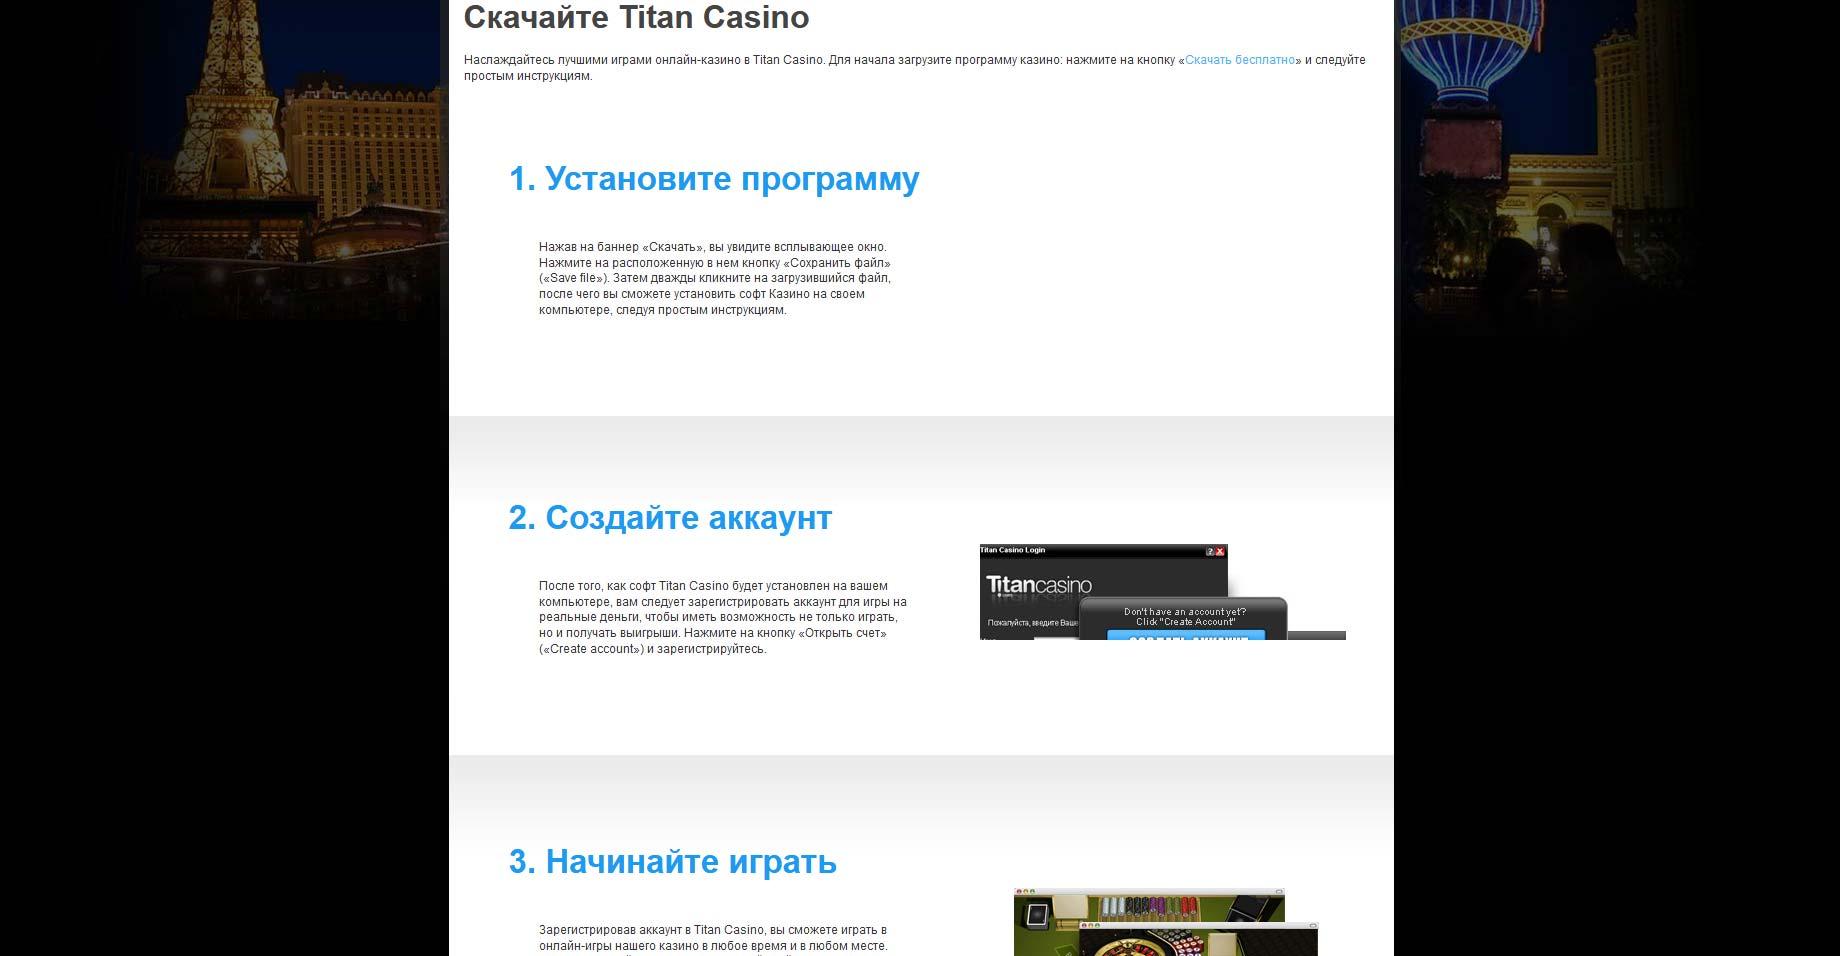 скачать казино титан